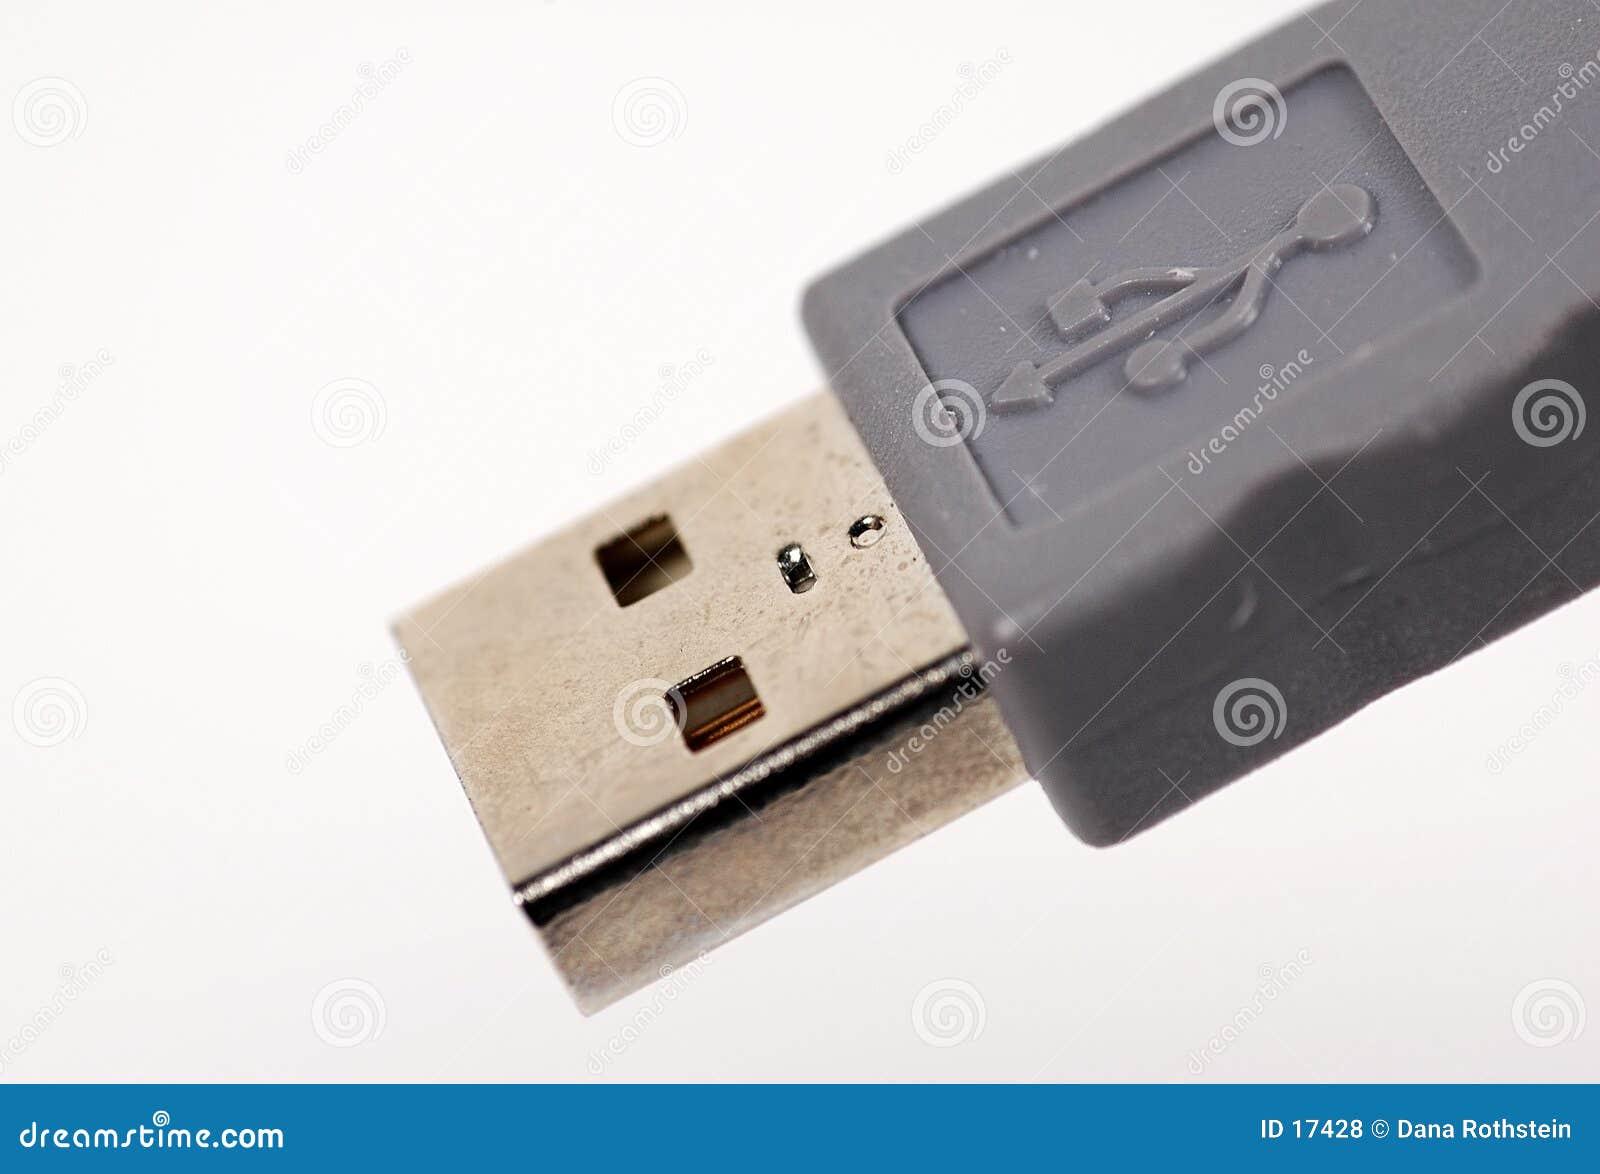 Aansluting USB